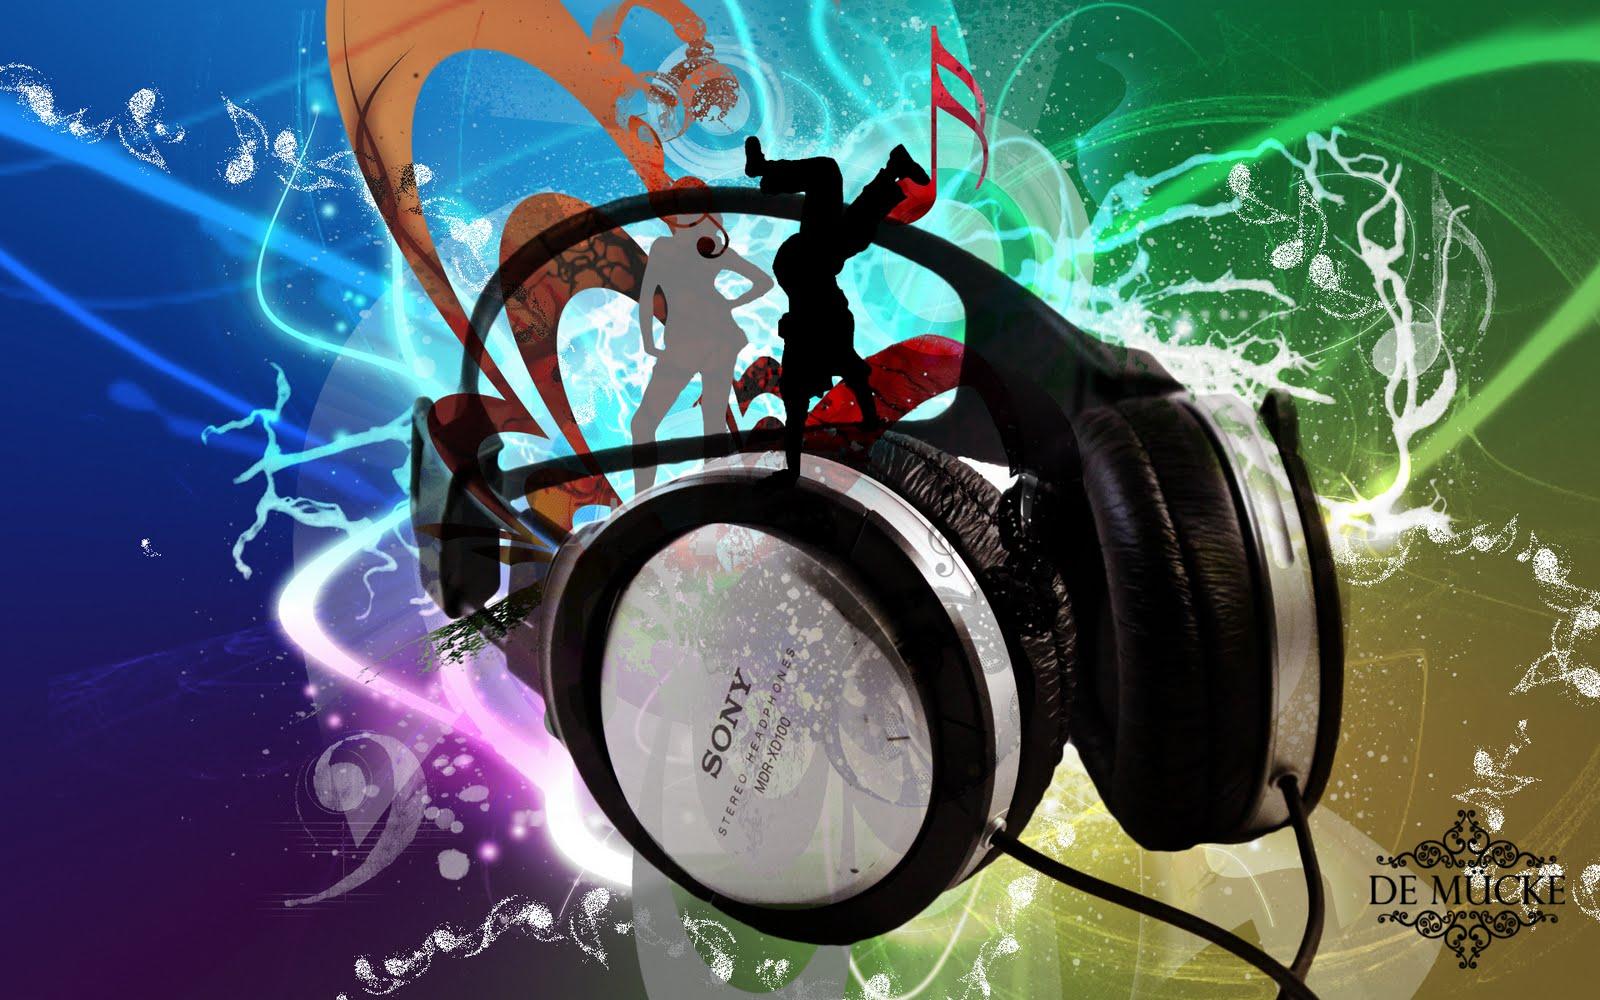 http://1.bp.blogspot.com/-AJNGeibV4jM/TwdDr6J5bfI/AAAAAAAAAdo/qCVFGsKsvZU/s1600/Popular%2BMusic%2BWallpapers%2BHD.jpg